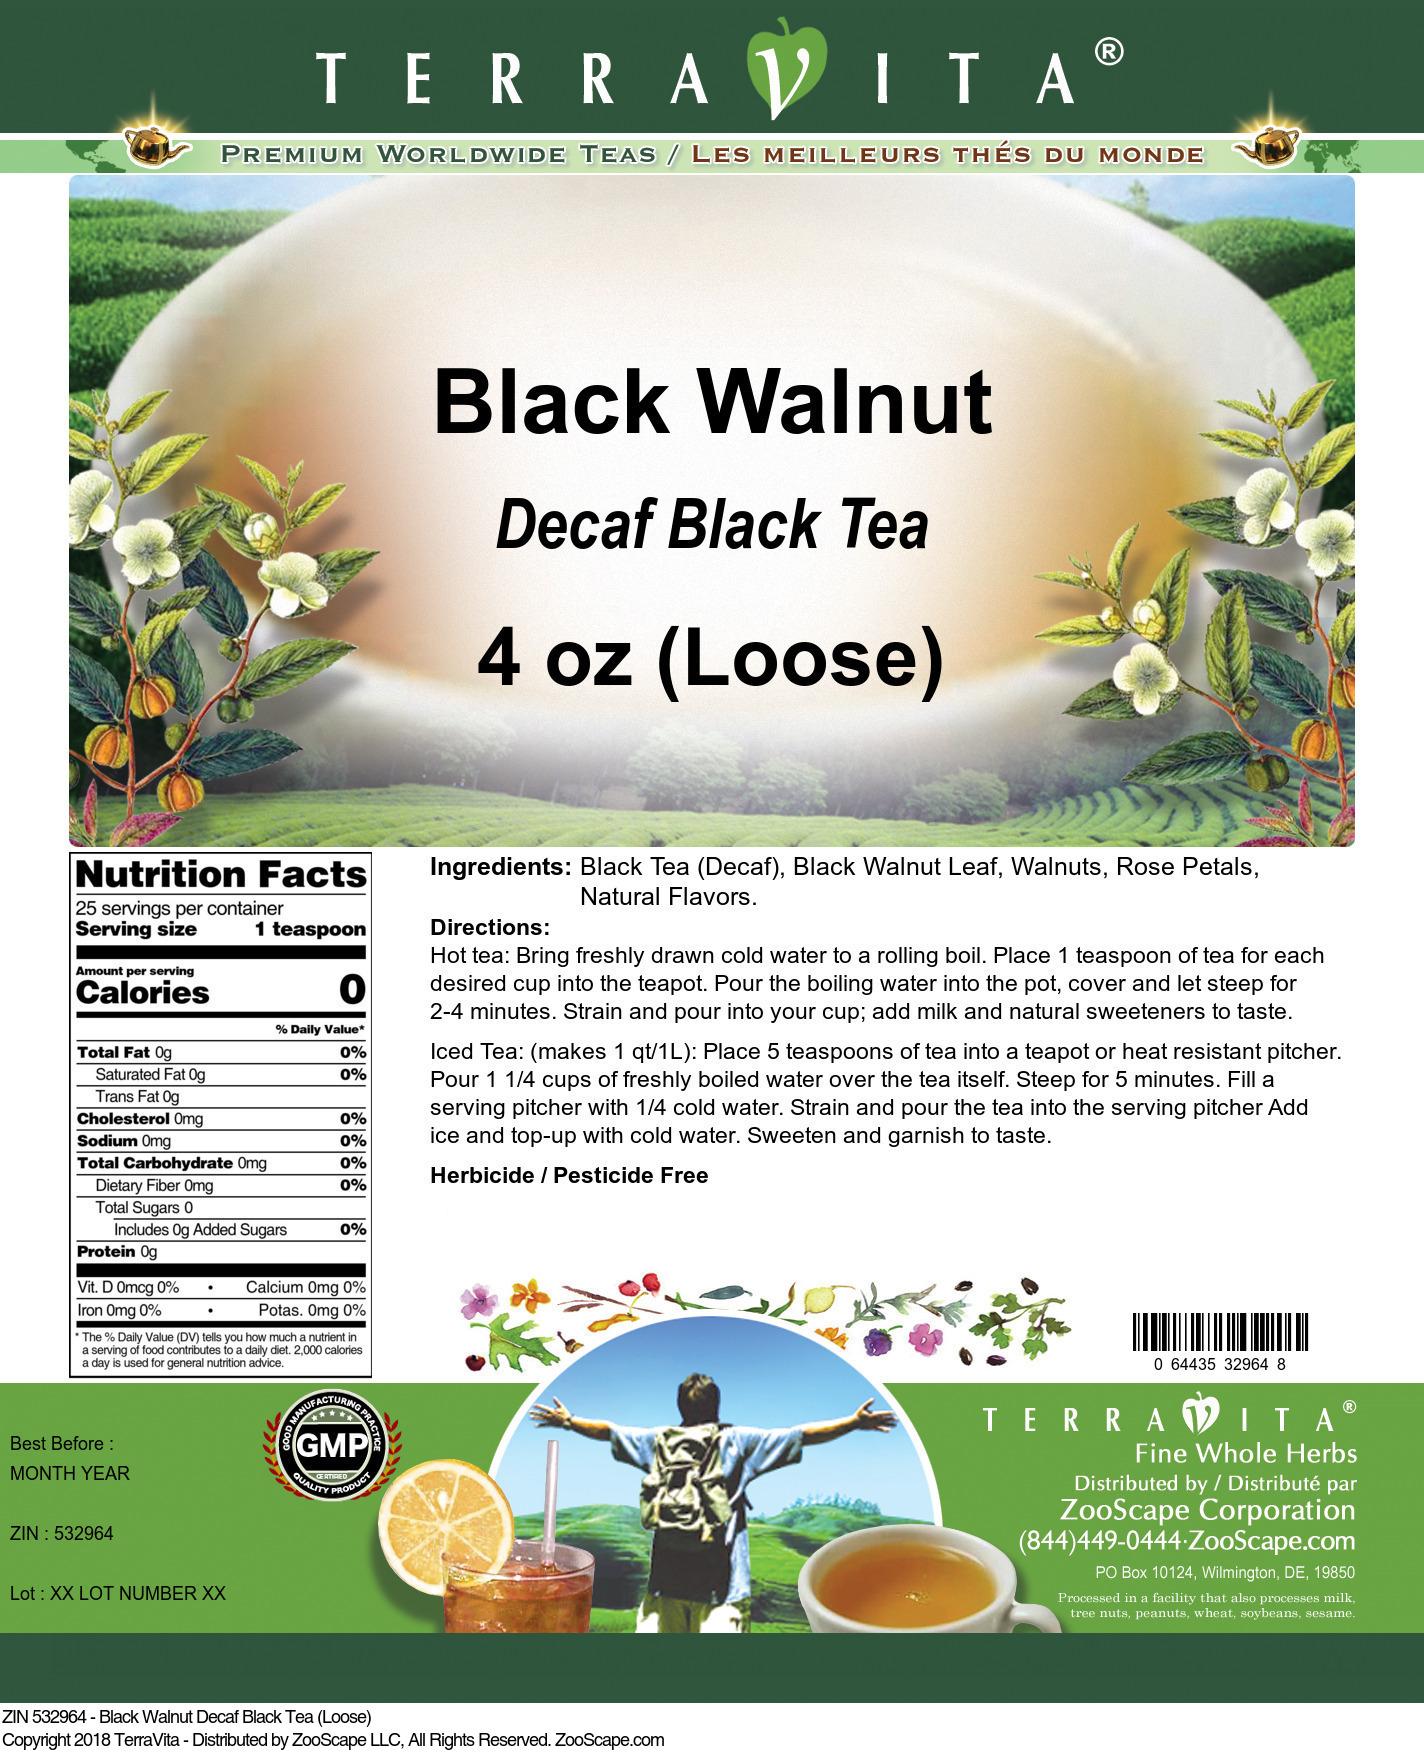 Black Walnut Decaf Black Tea (Loose)